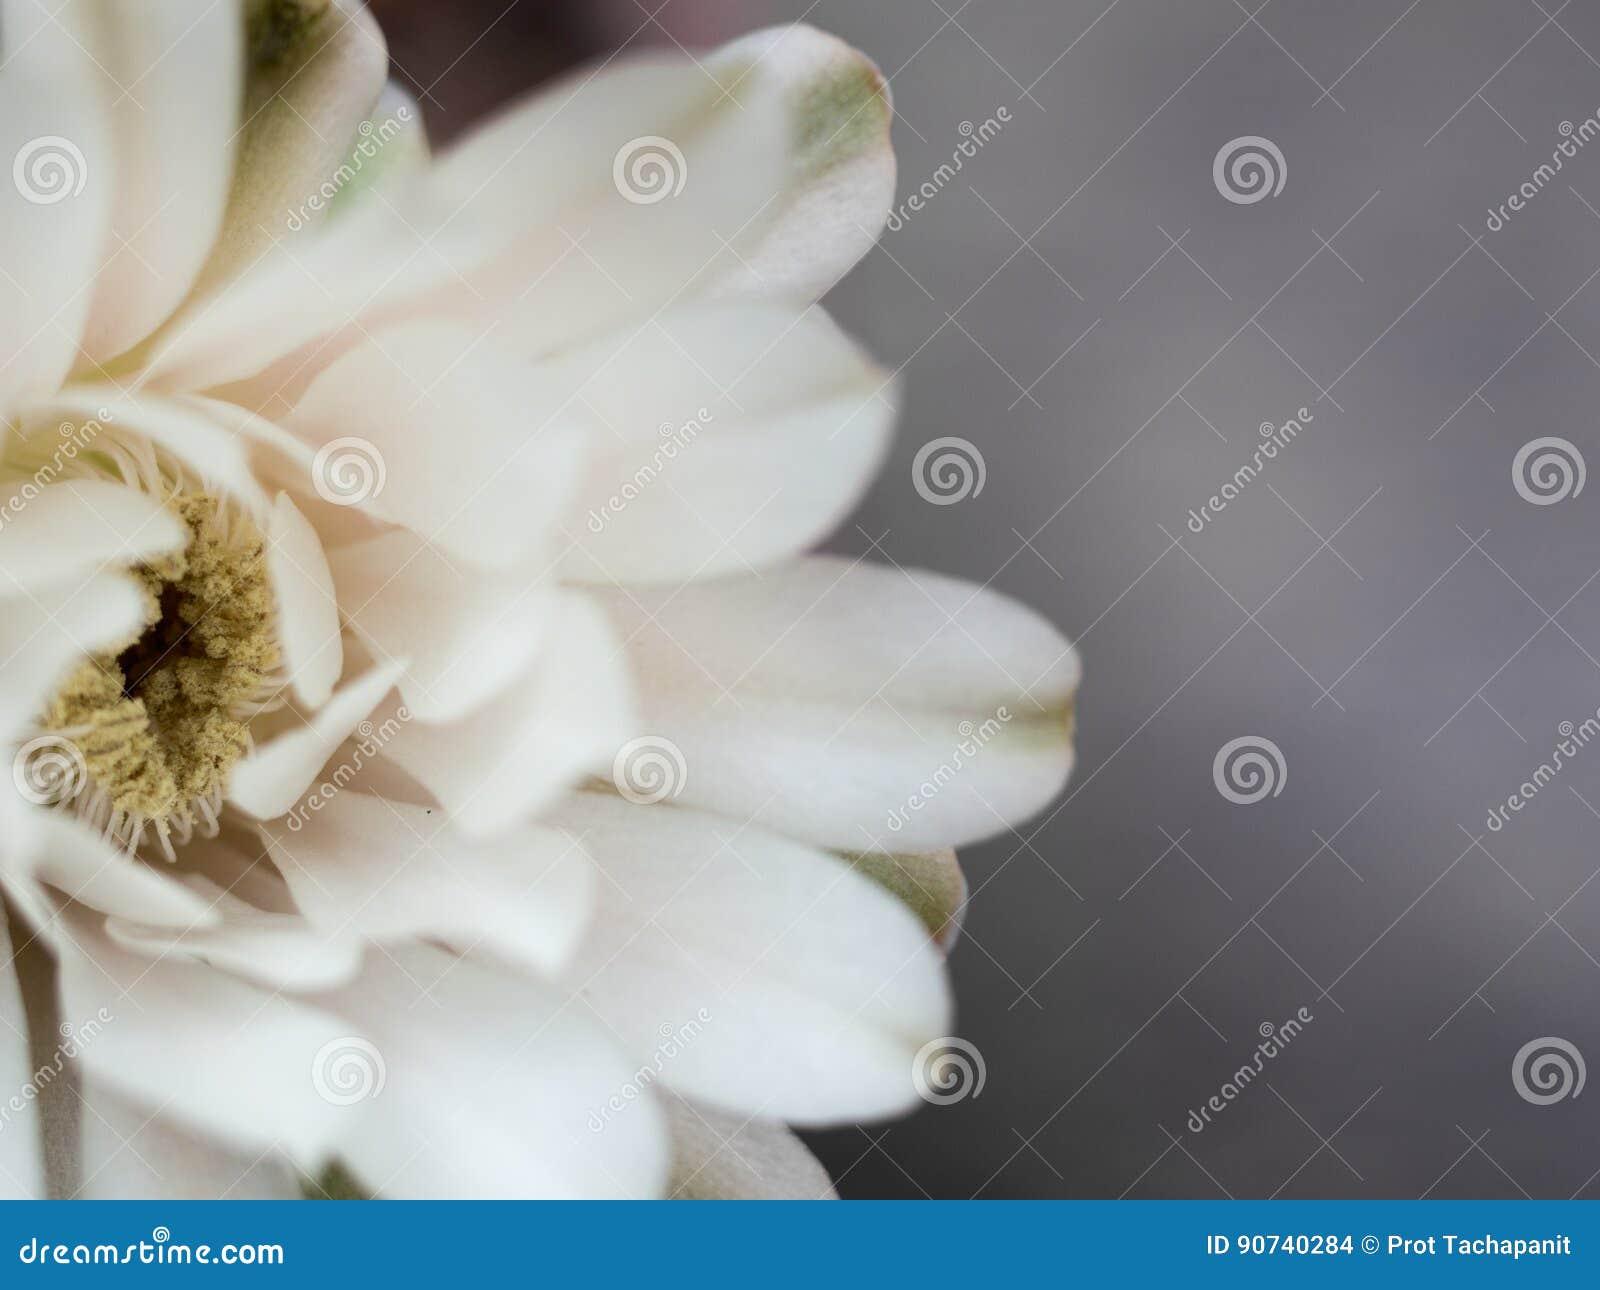 rose de pétale de fleur de cactus l'étamine jaune sur l'intérieur